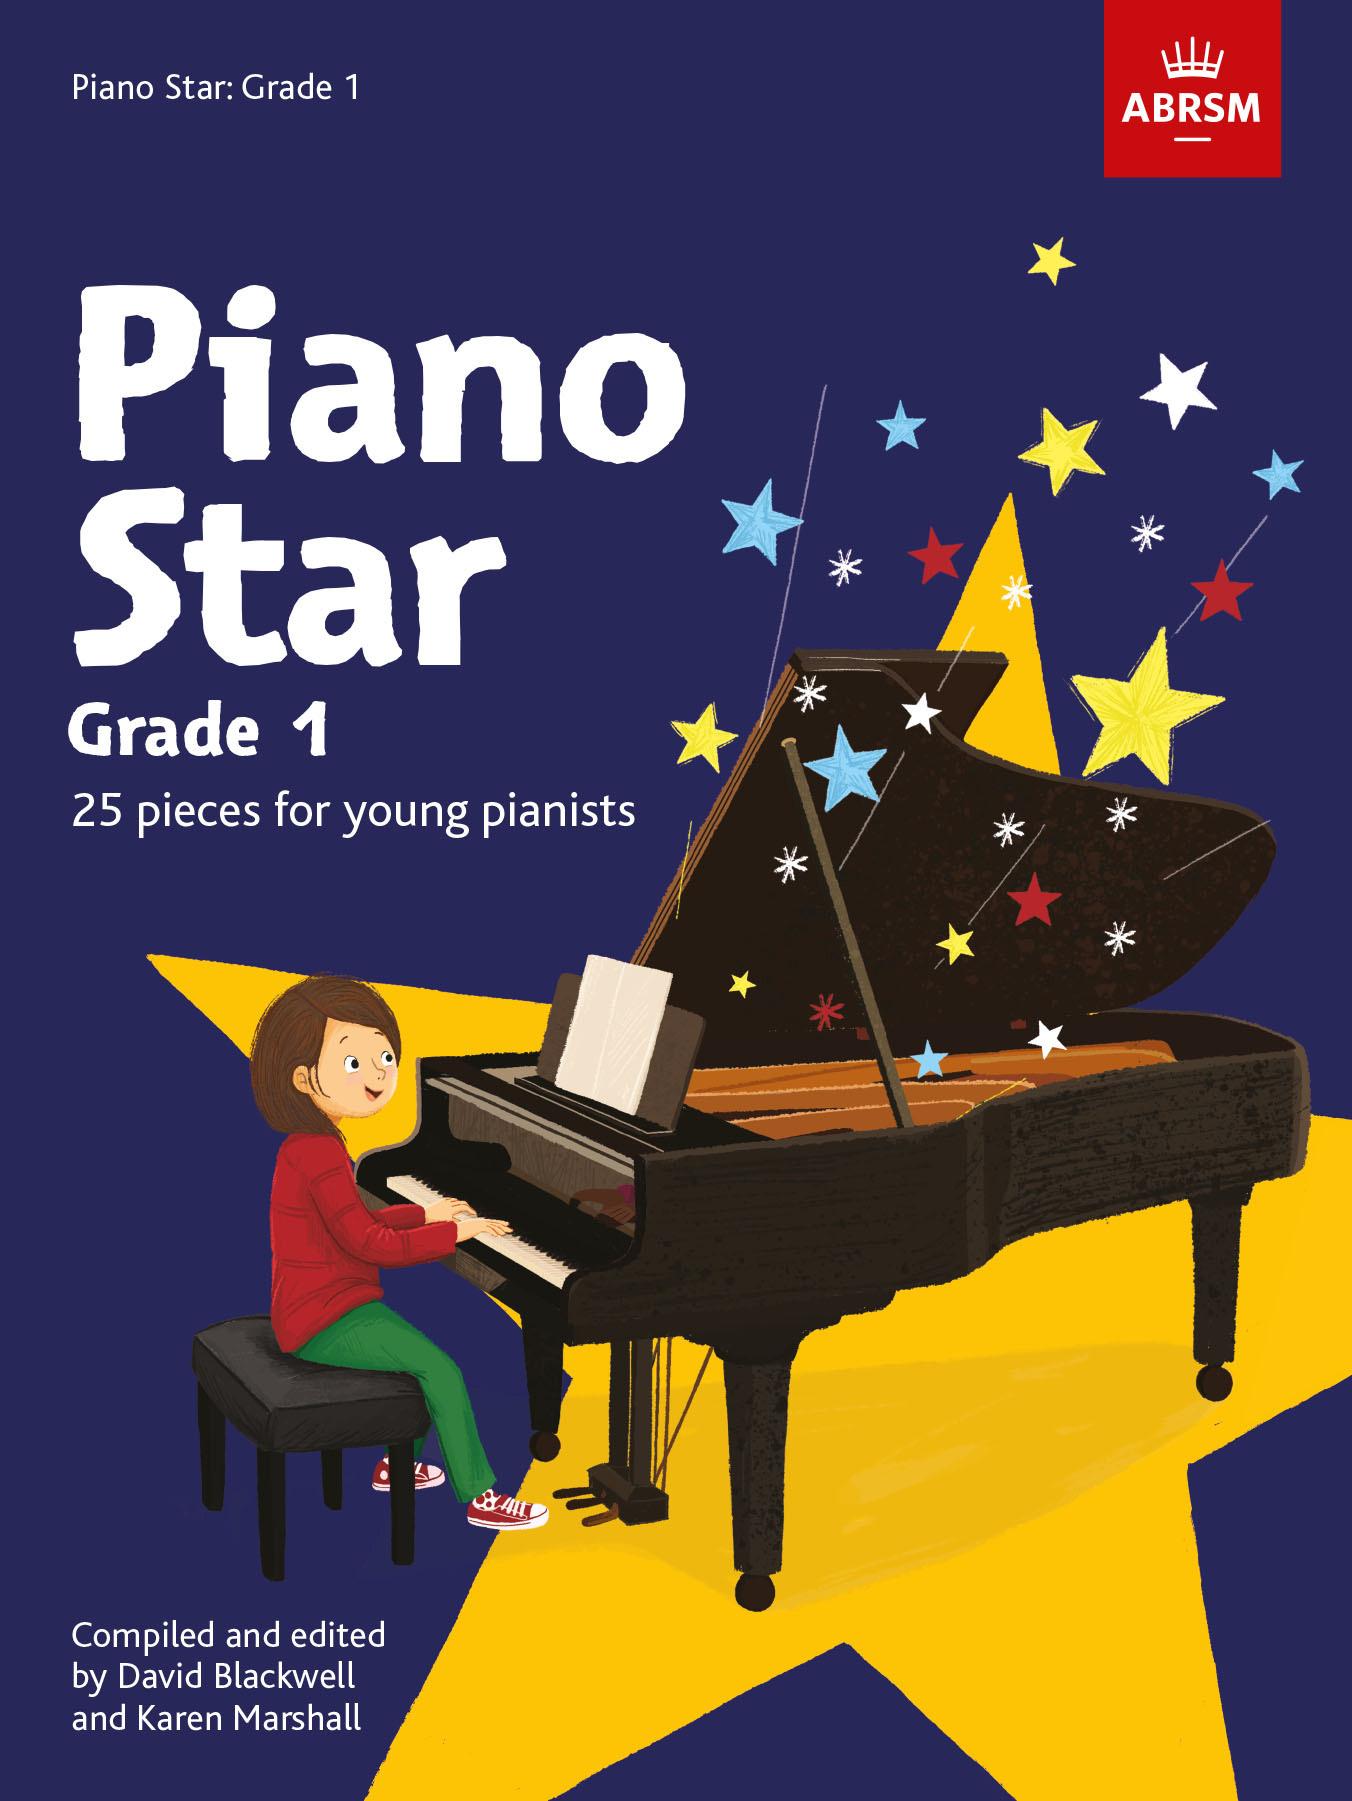 Piano Star Grade 1